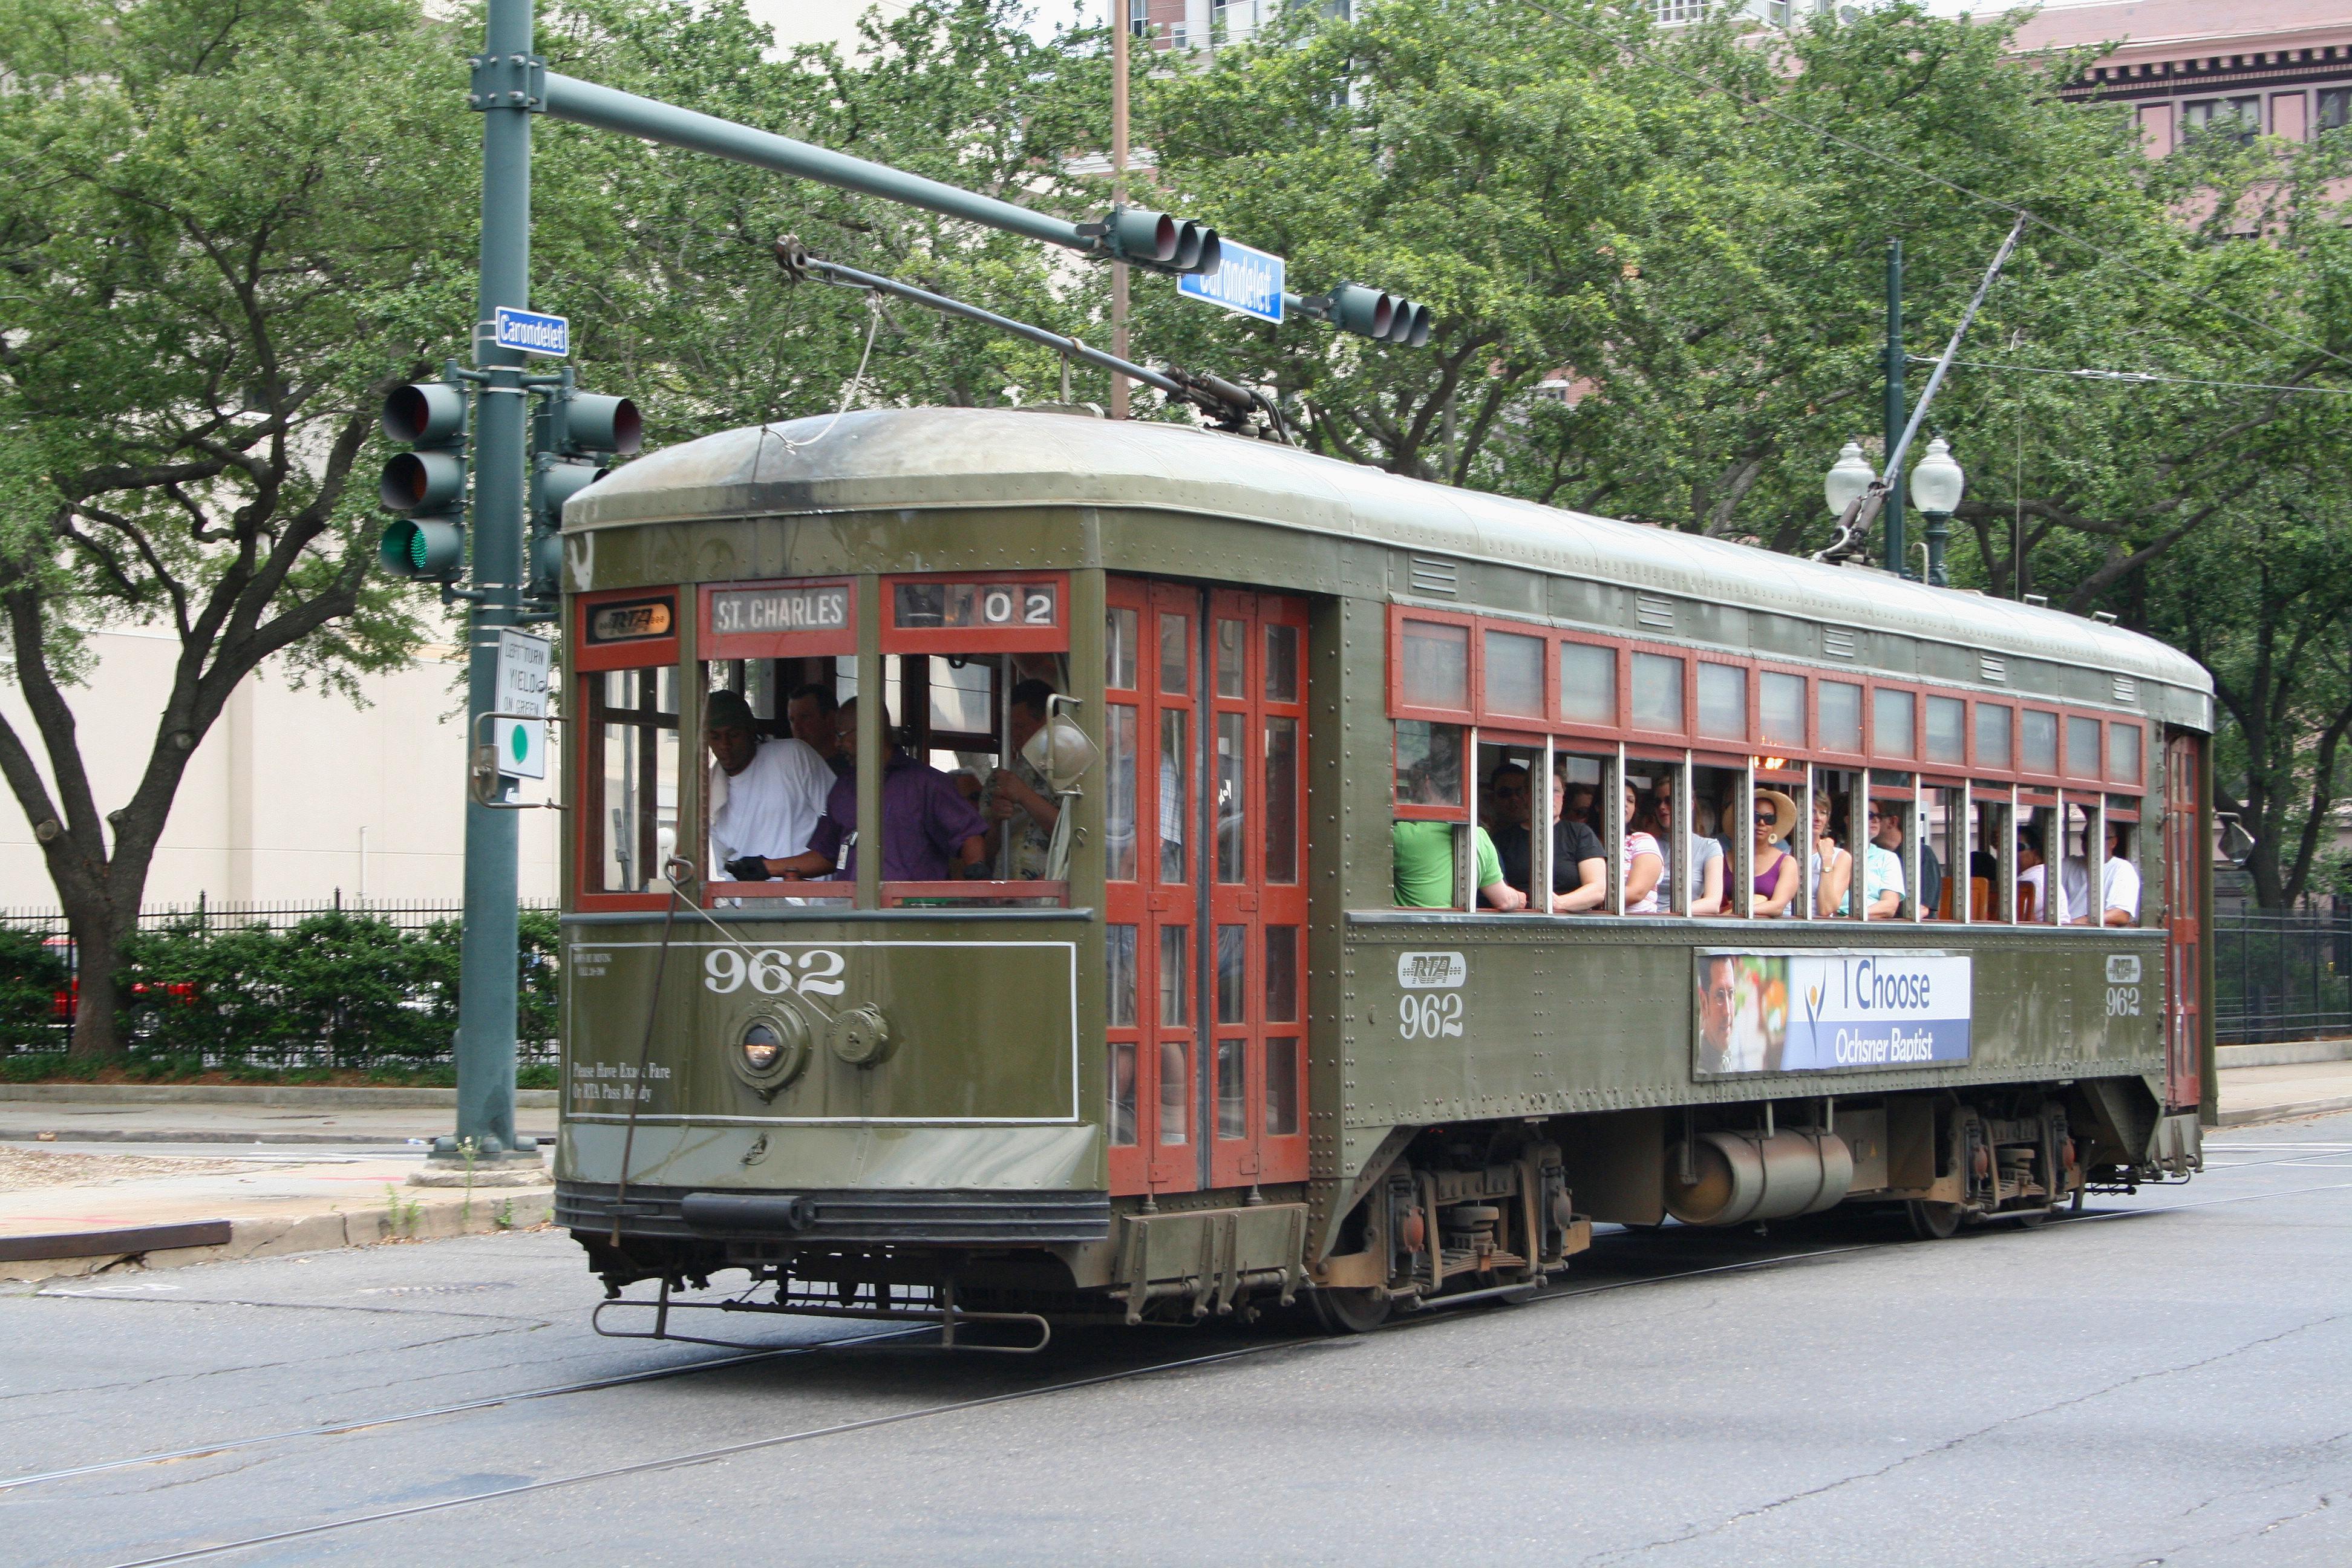 Streetcar models